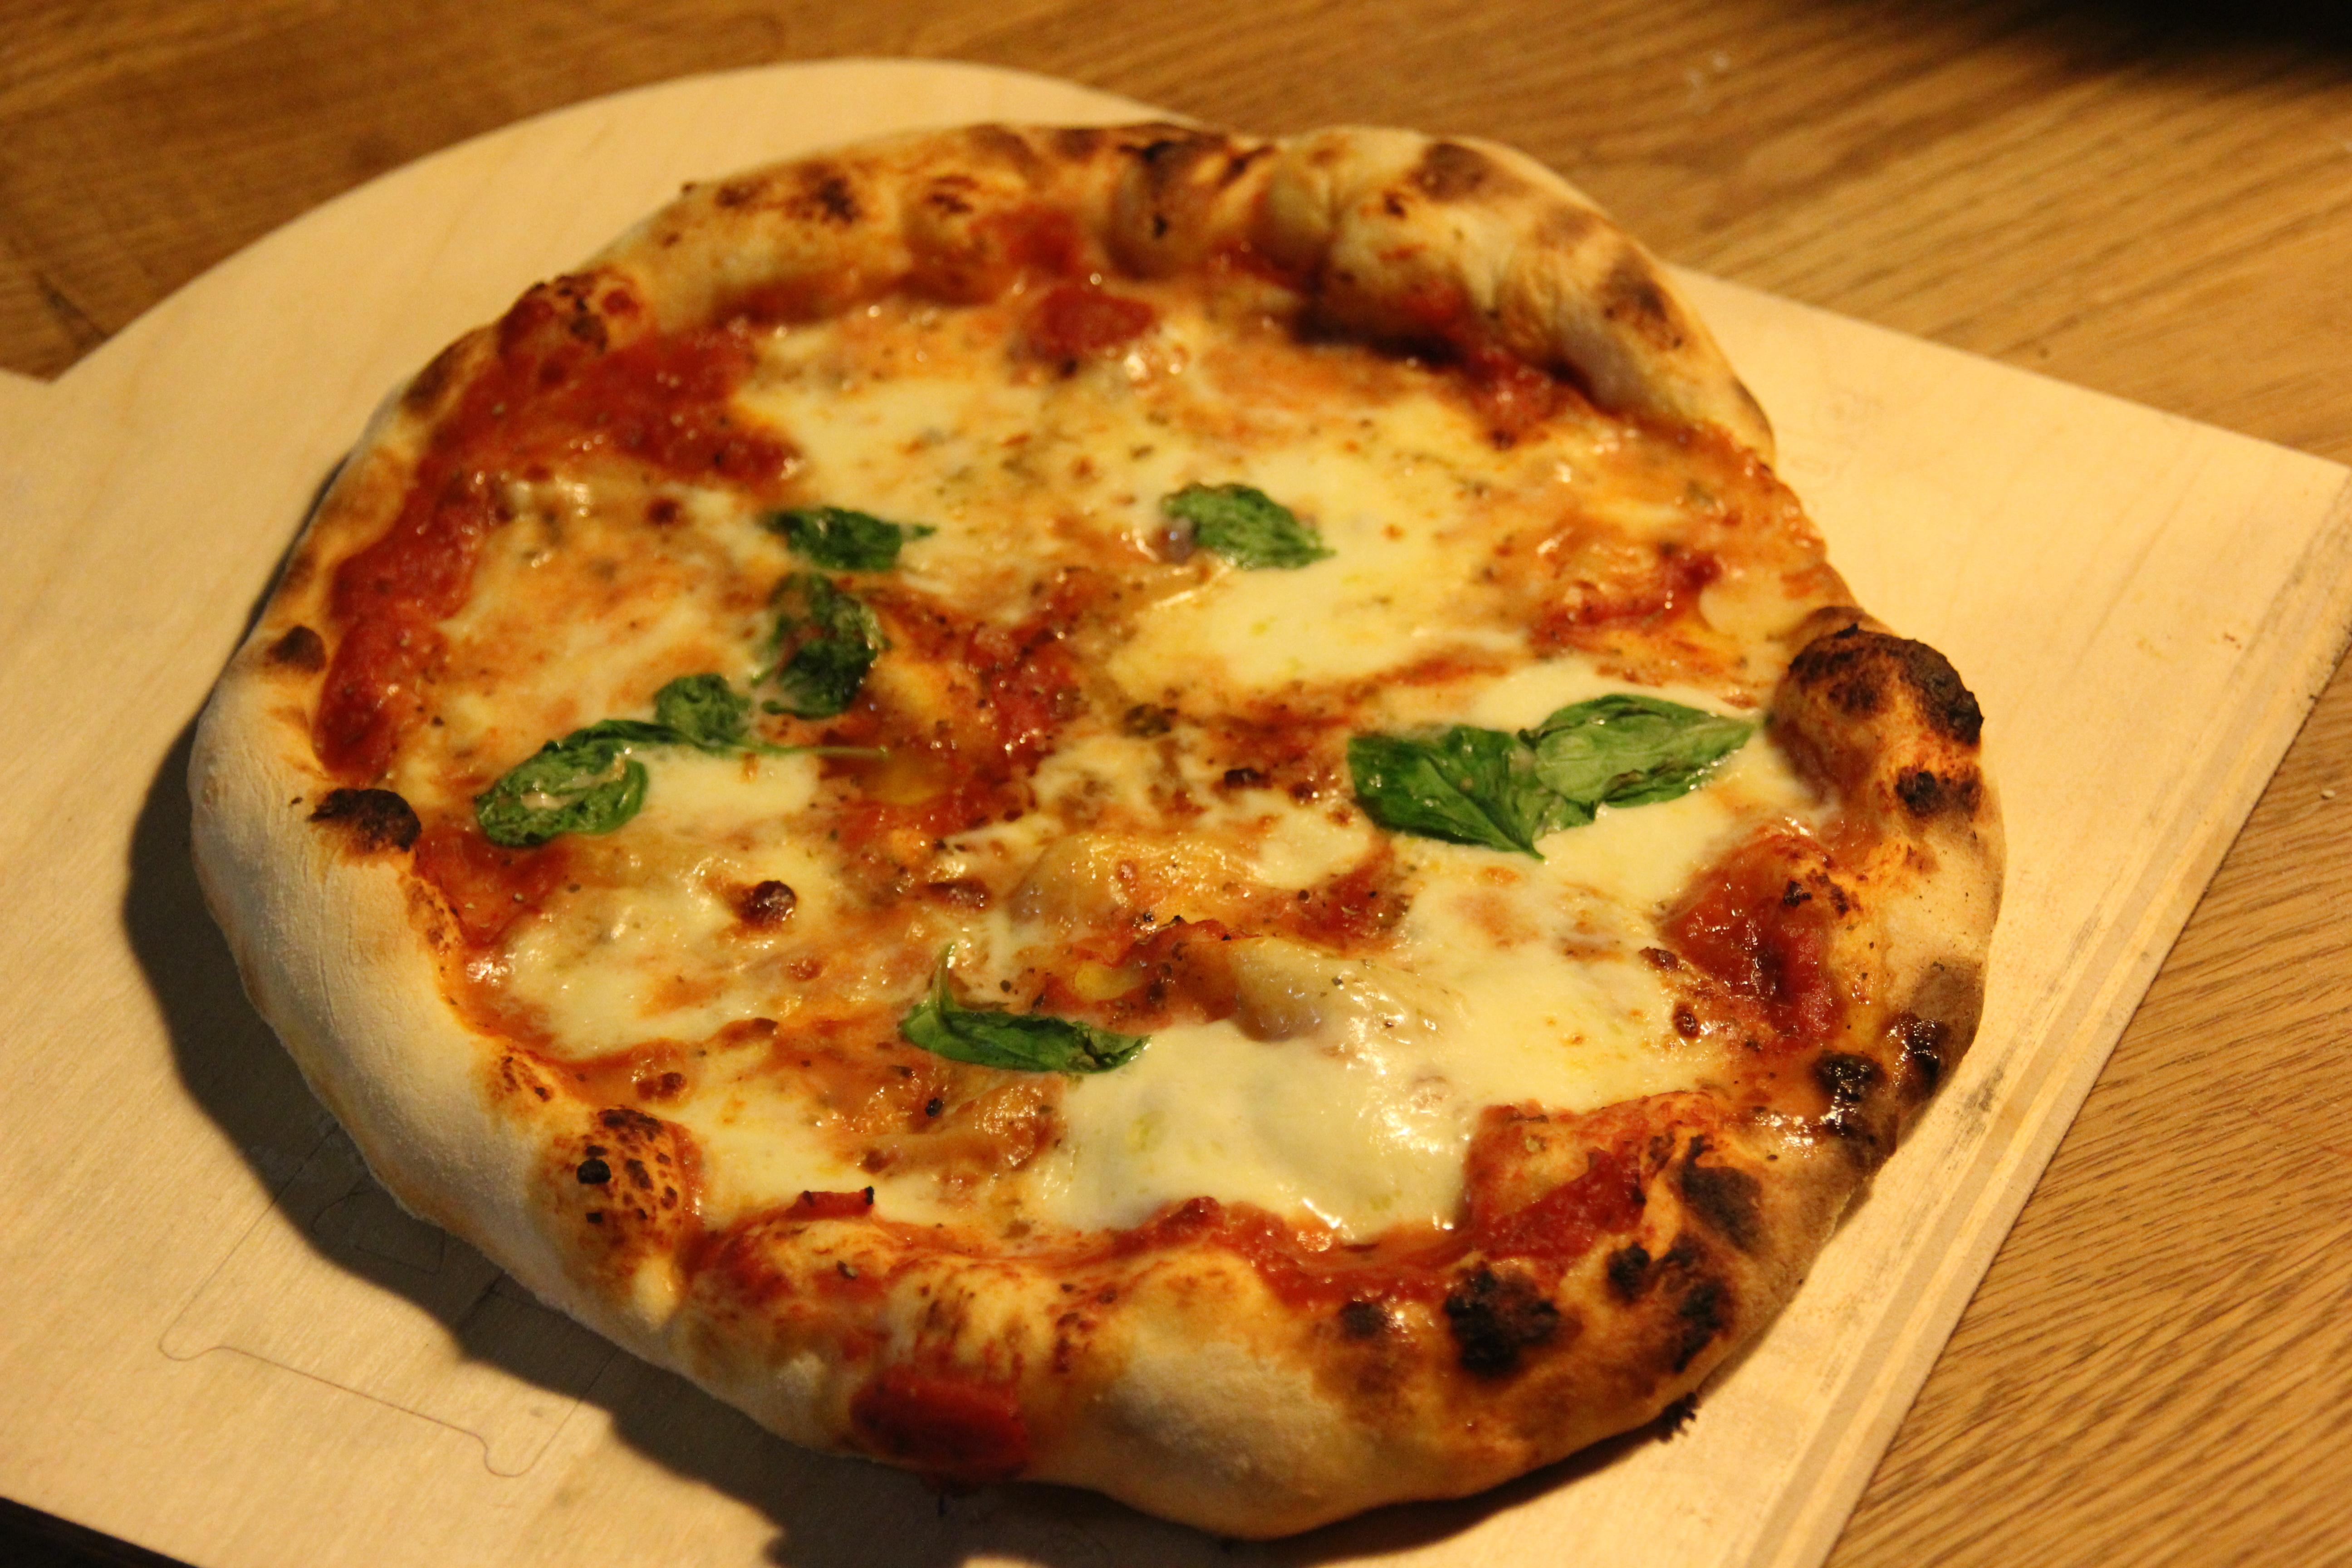 Pizza Margherita mit Mozzarella-Käse, Tomatensoße und frischem Basilikum